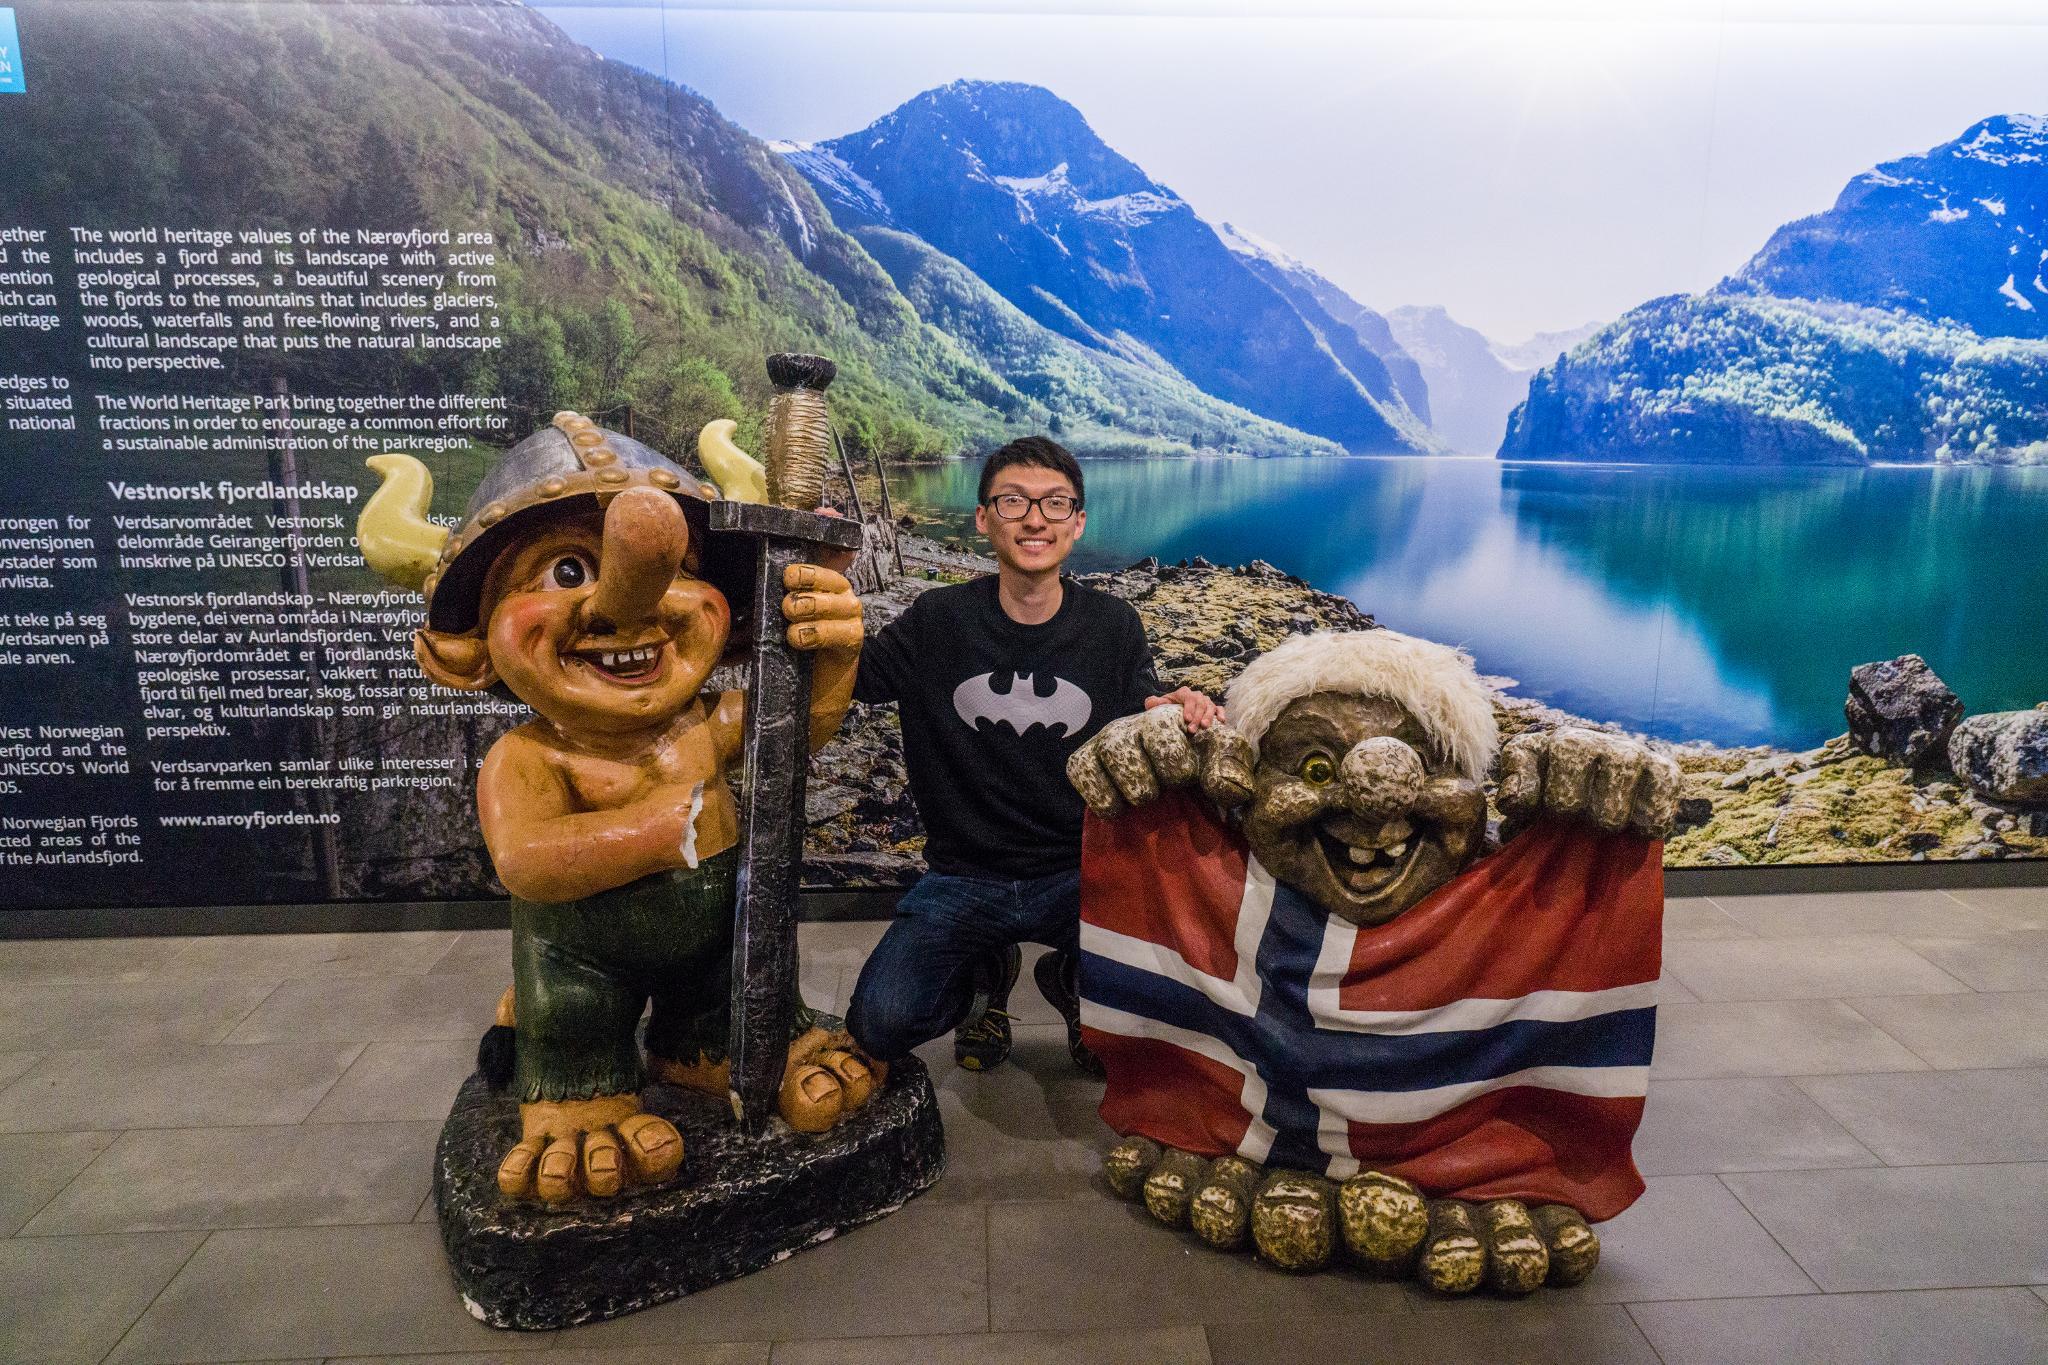 【北歐景點】Flåm 弗洛姆小鎮 — 挪威縮影的重要轉運站 (Flåm Camping與松恩峽灣渡輪介紹) 9